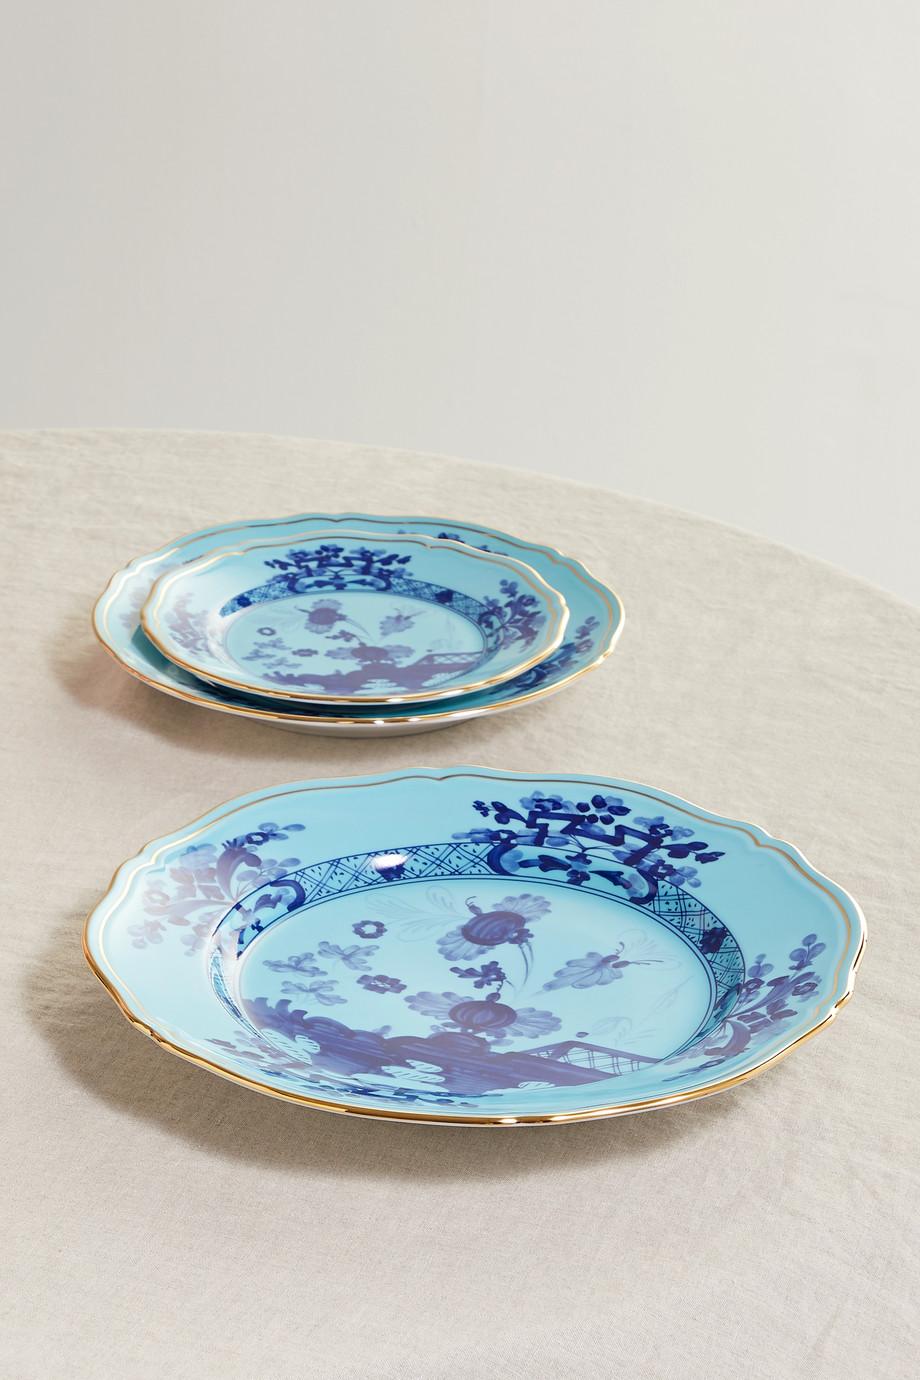 Ginori Oriente Italiano 26,5 cm Teller aus Porzellan mit vergoldeten Details